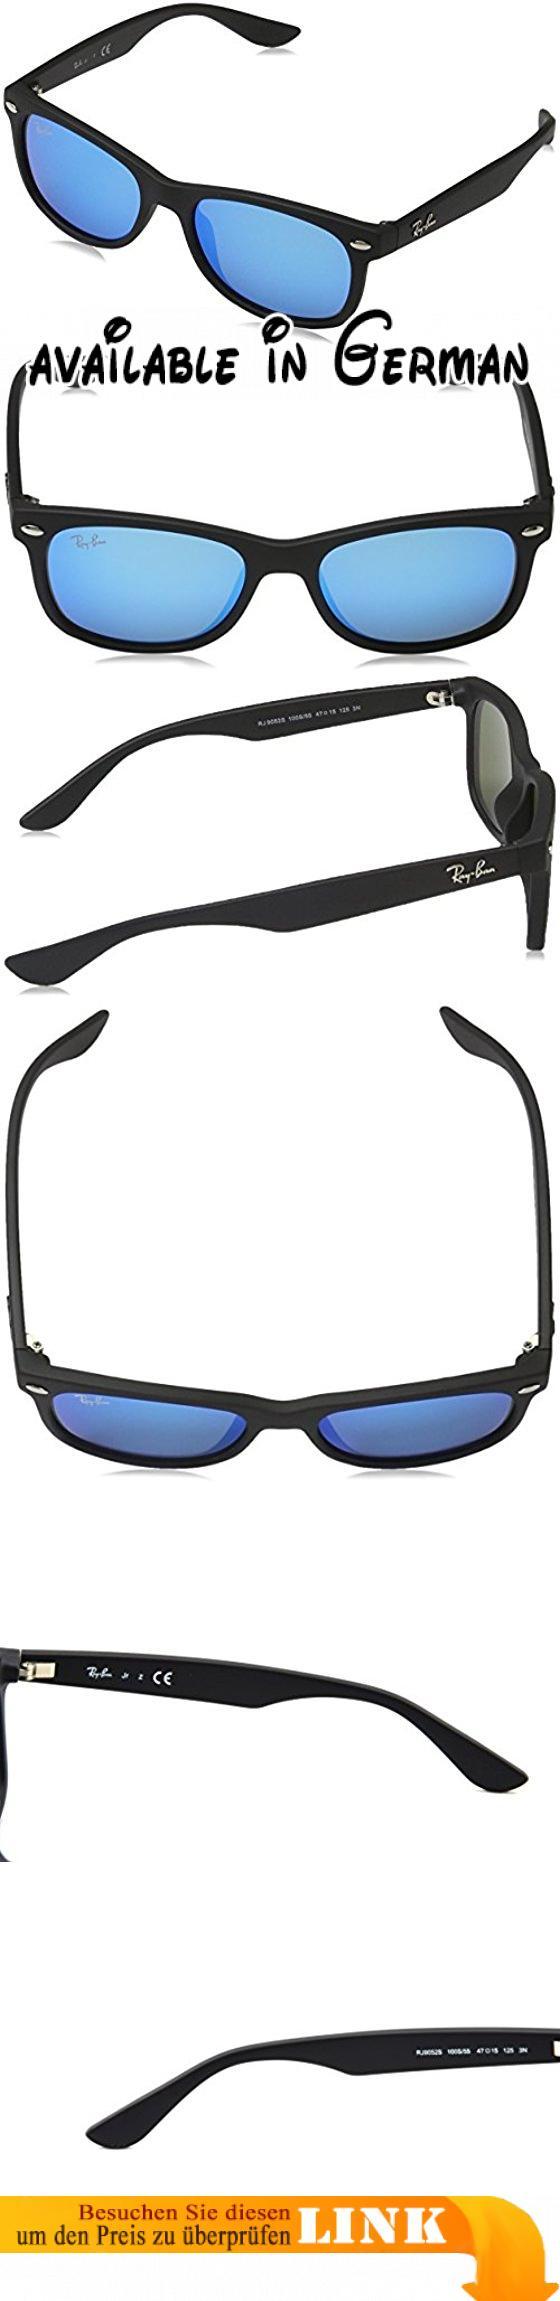 Ray-Ban Unisex Sonnenbrille New Wayfarer Junior, Gr. Medium (Herstellergröße: 47), Schwarz (Gestell: Schwarz, Gläser: Blau verspiegelt 100S55)